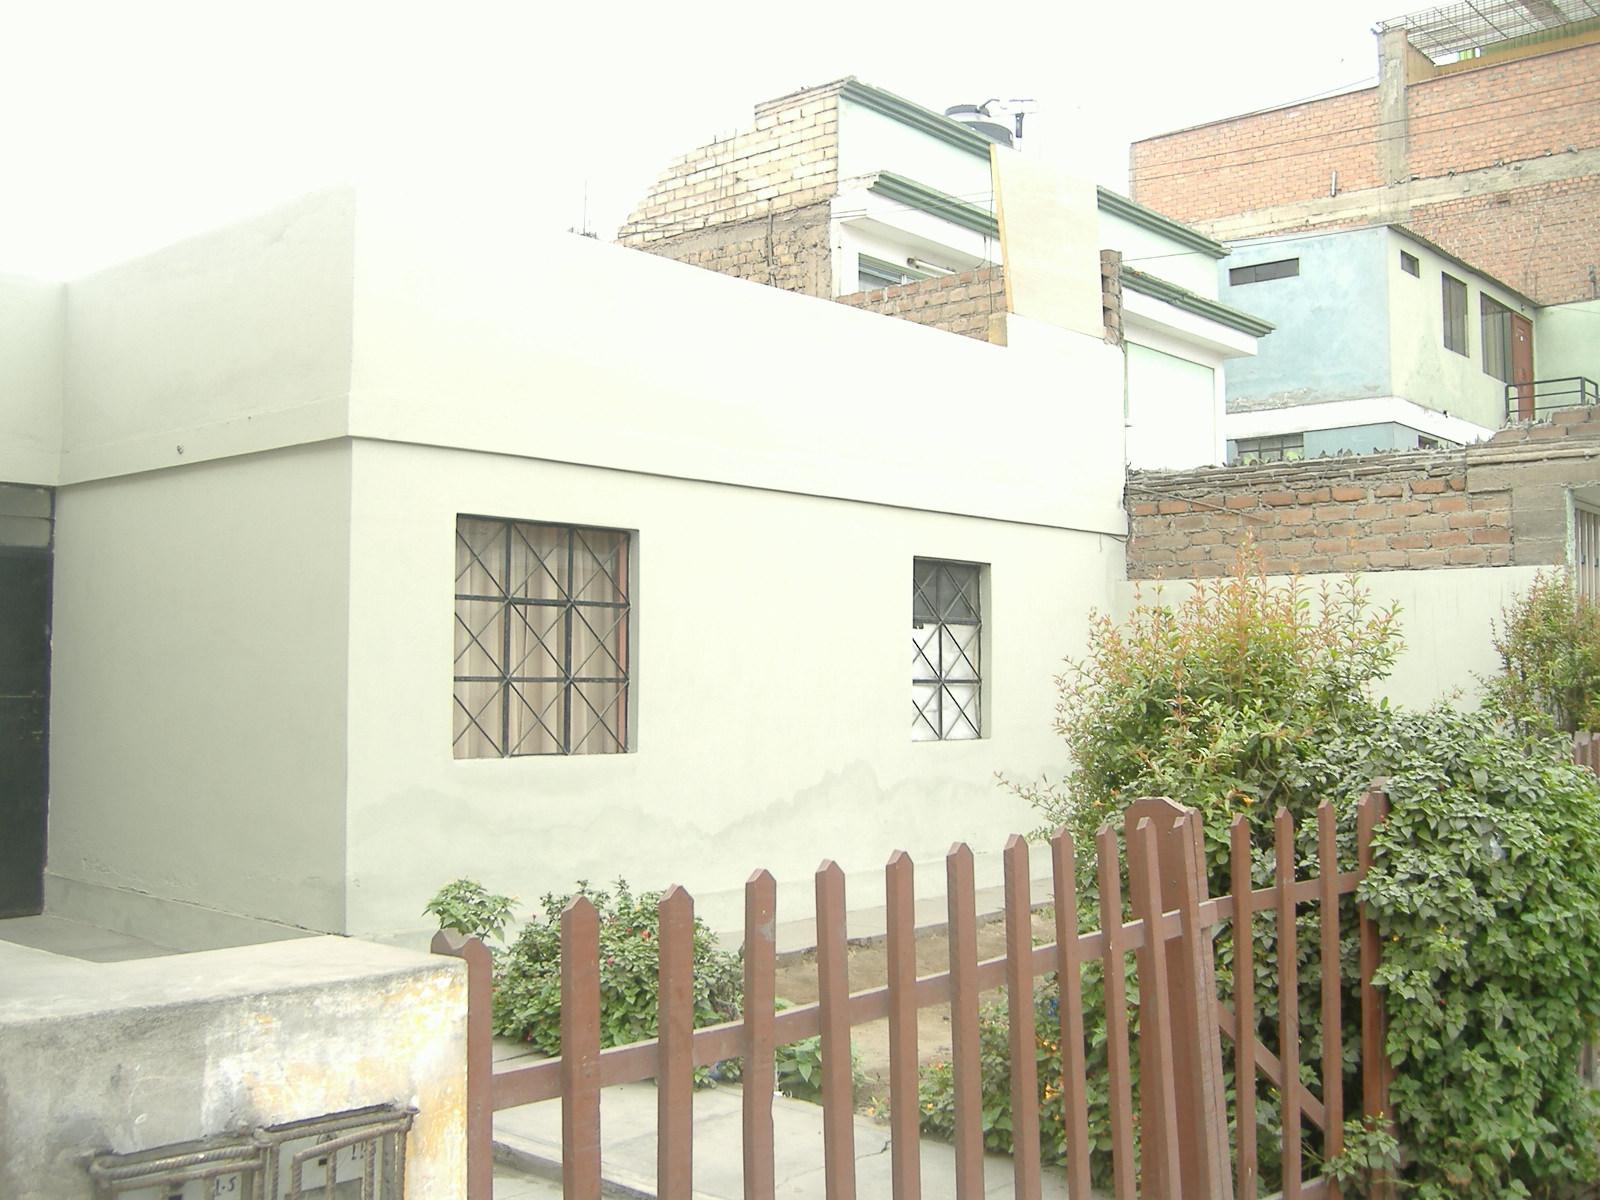 Vendita mobili da giardino roma ~ Mobilia la tua casa